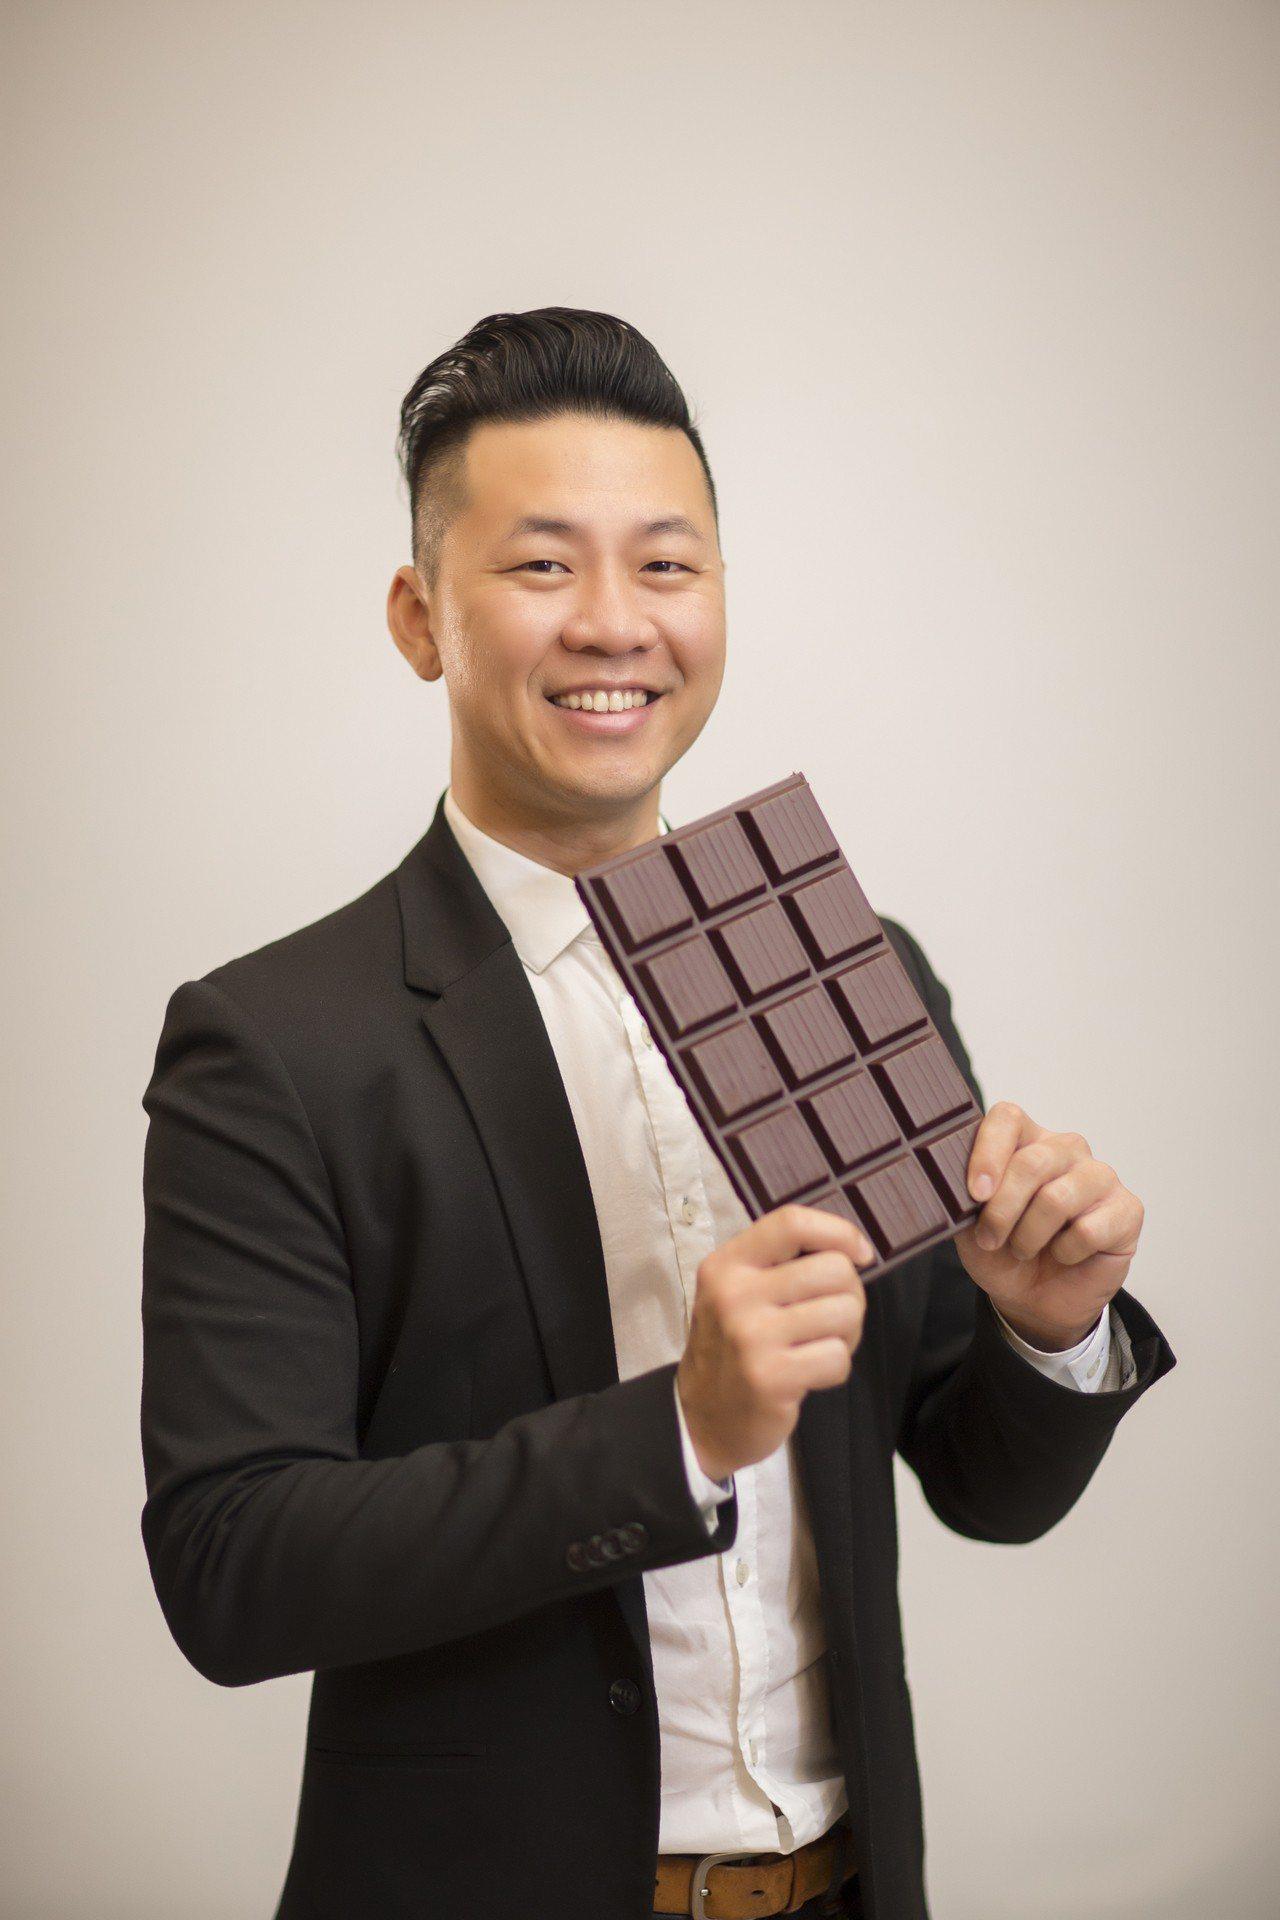 許華仁打破傳統的巧克力框架,以屏東的可可豆把巧克力帶向新境界。圖/福灣莊園提供